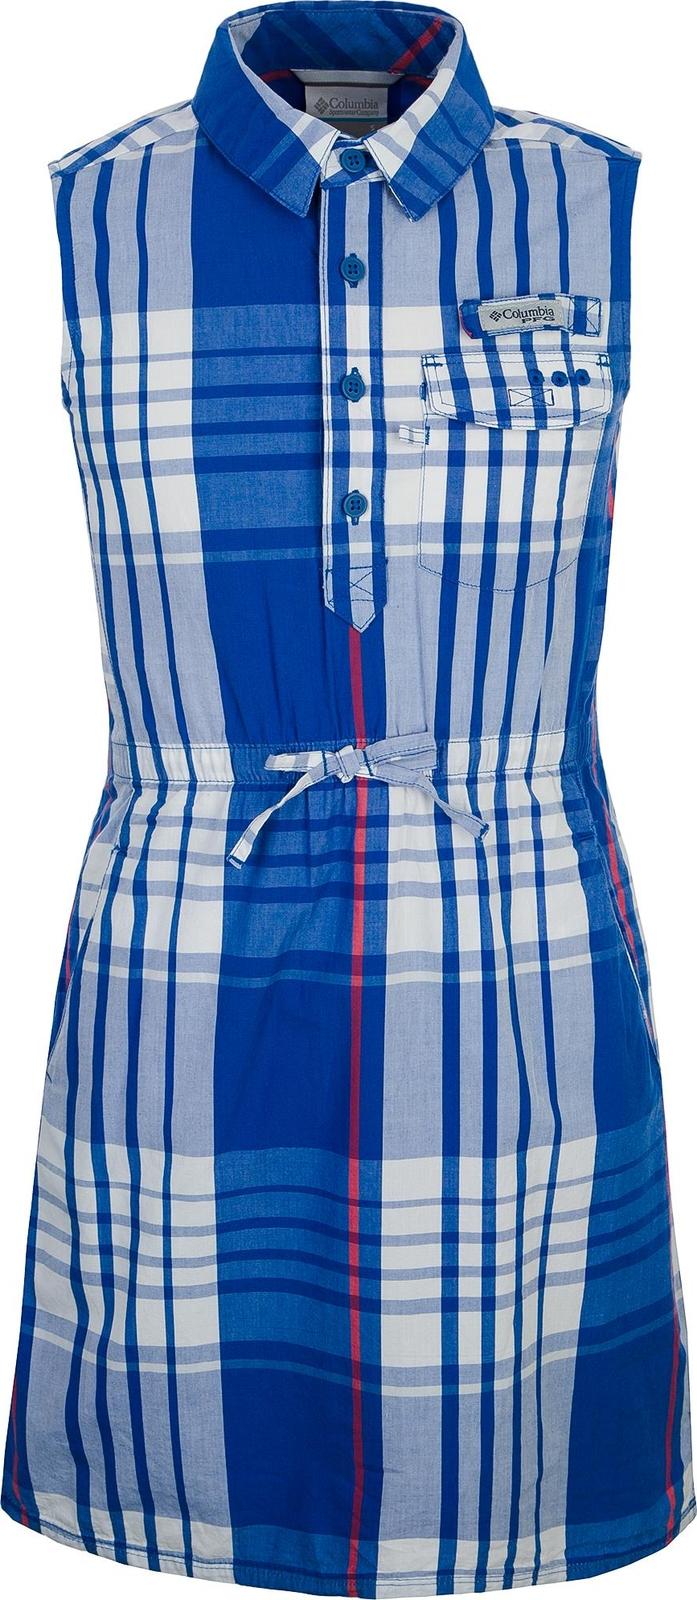 Платье Columbia Super Bonehead Dress платье для девочек girl dress 2015 5 323